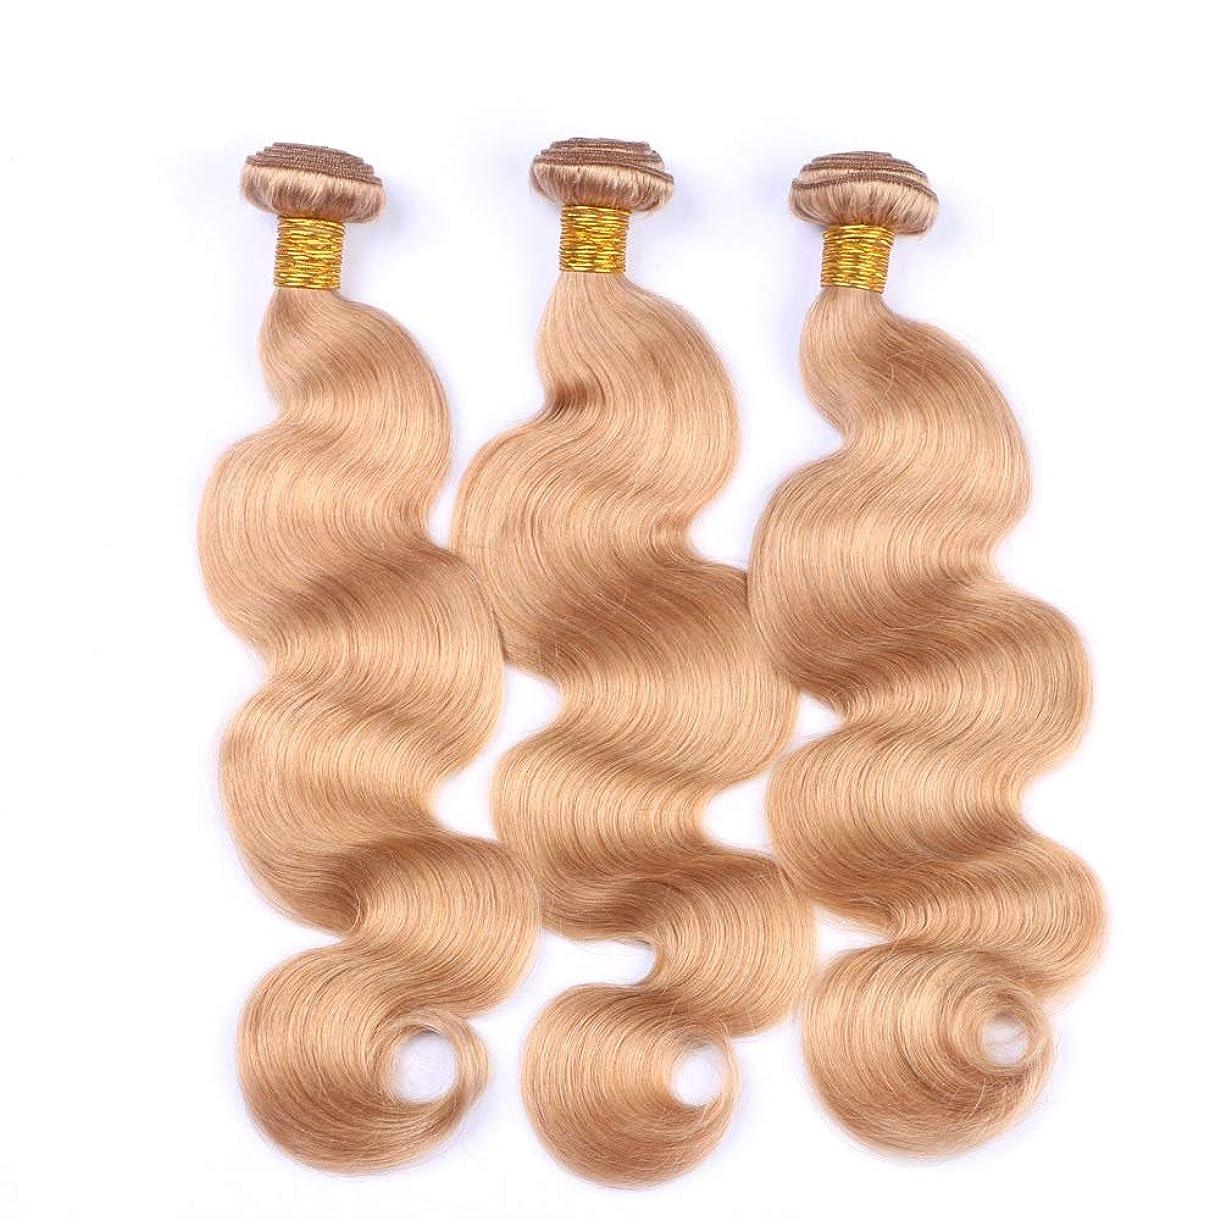 消える刈る忘れるYESONEEP オンブルヘアバンドル100%人毛ブラジルの実体波ヘアエクステンション#27ミルキーホワイトゴールデンカラー(10